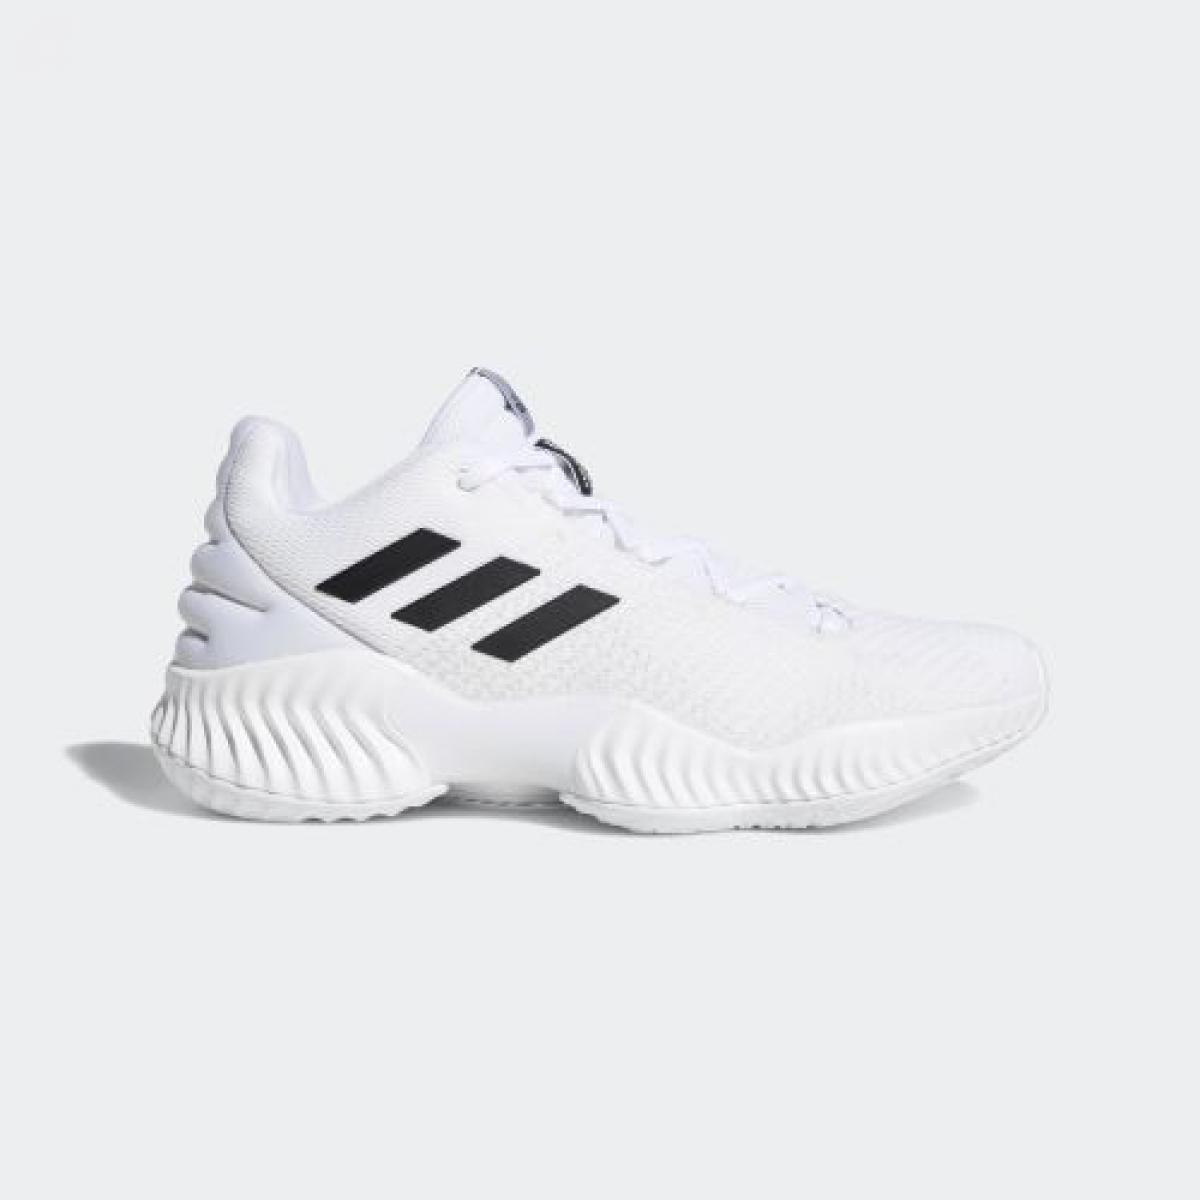 【公式】アディダス adidas PRO BOUNCE 2018 LOW レディース メンズ BB7410 バスケットボール シューズ 合成繊維 合成皮革 ゴム底